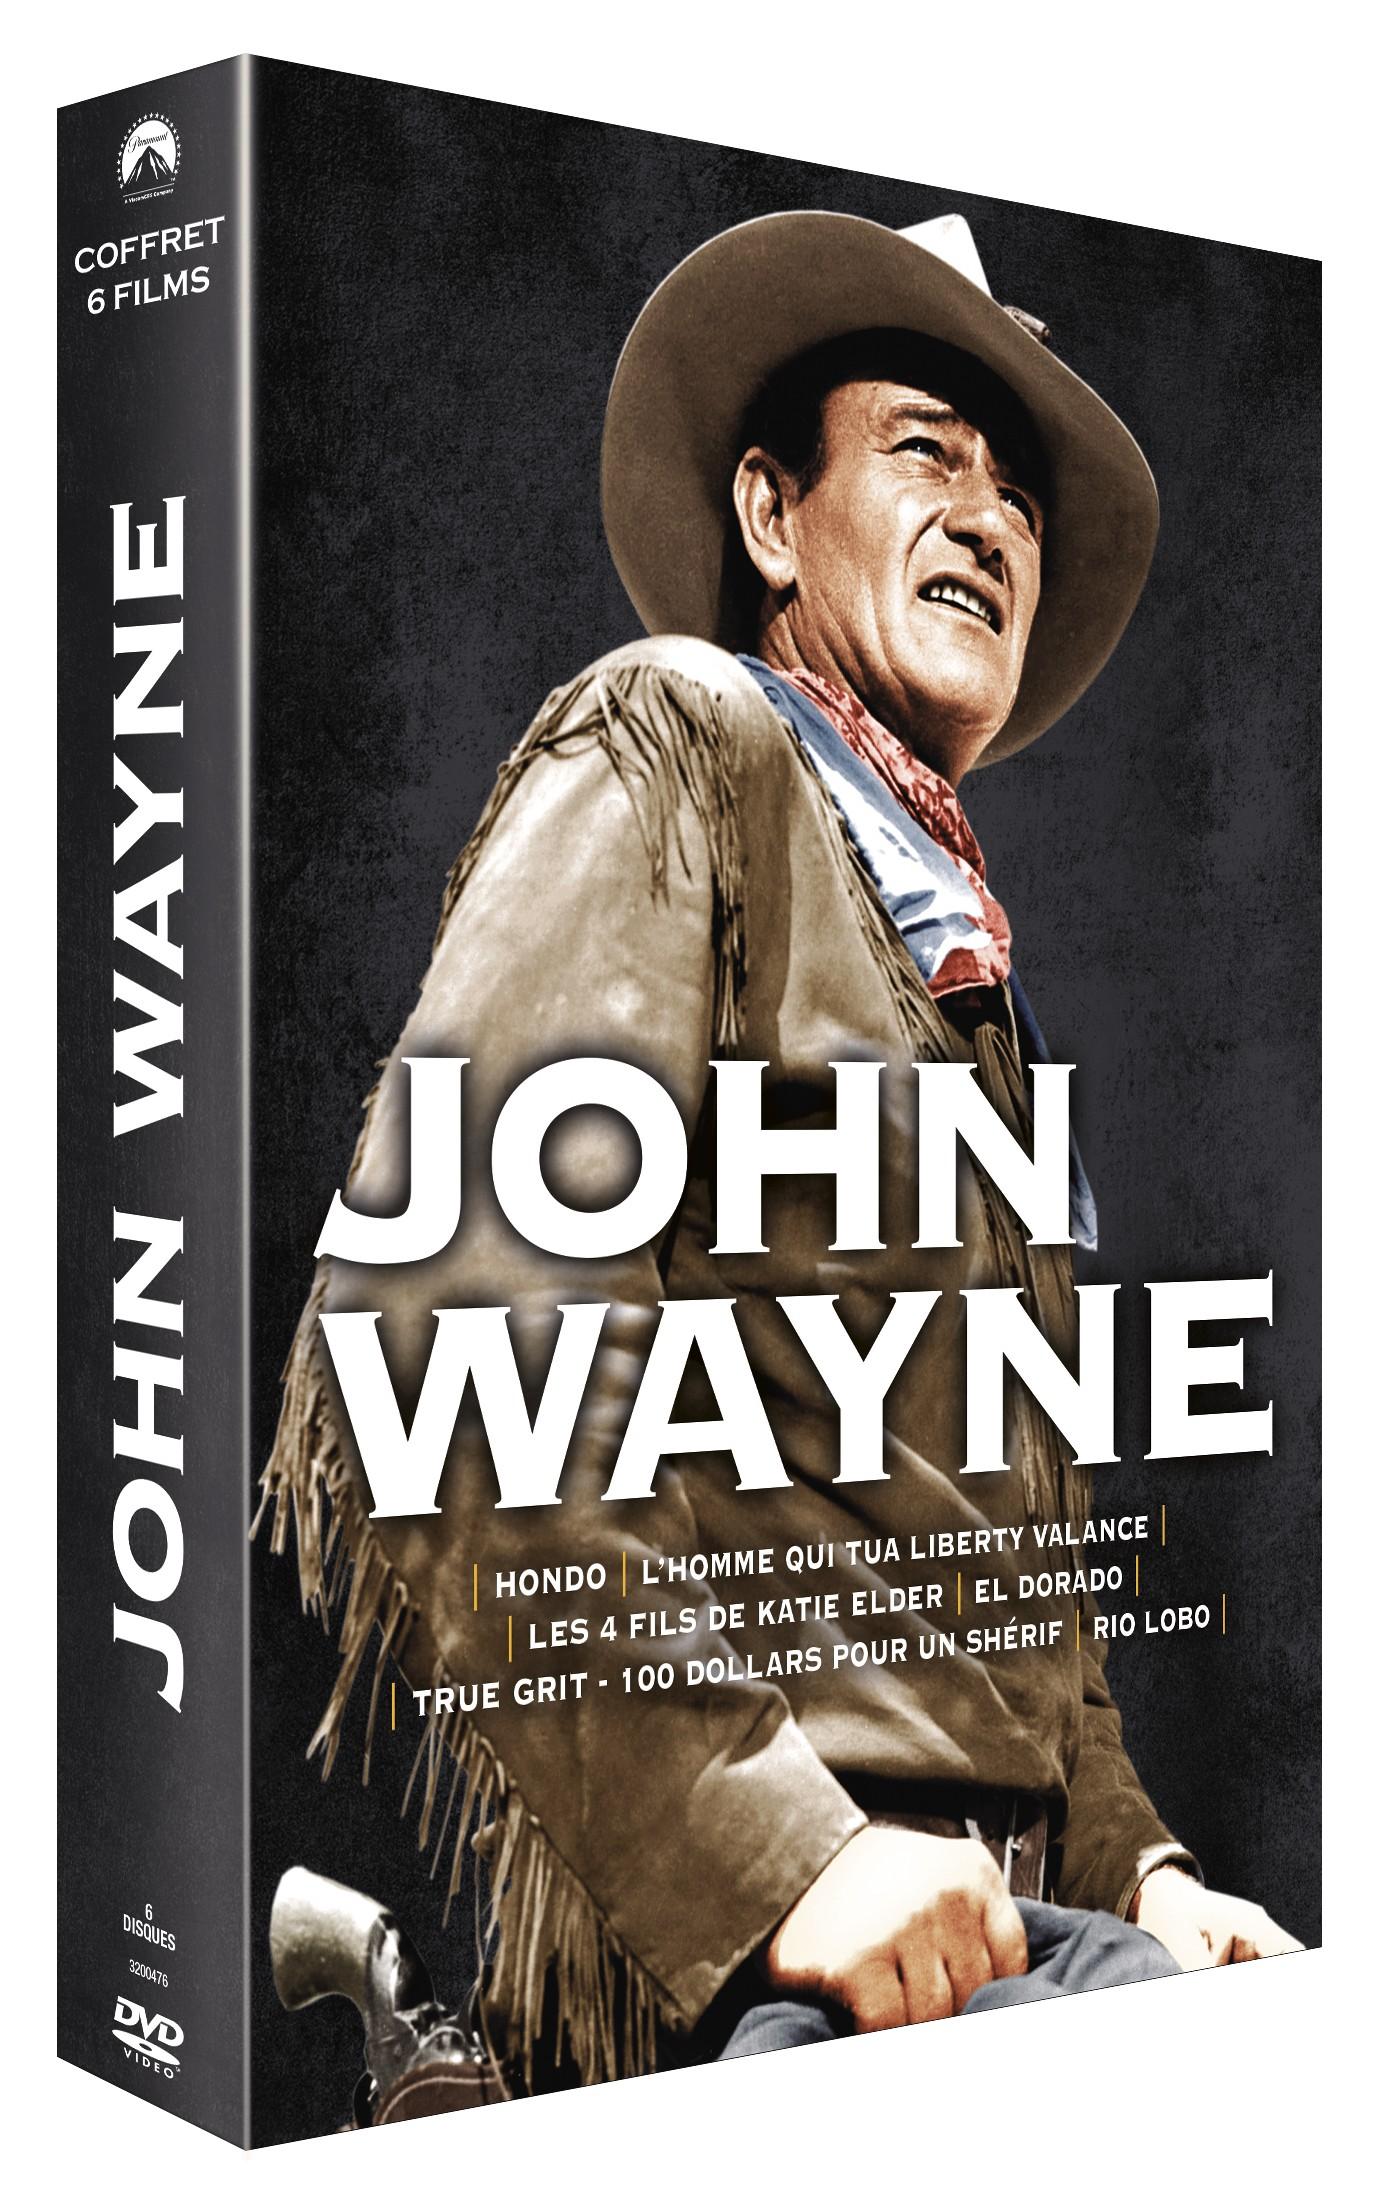 COFFRET JOHN WAYNE